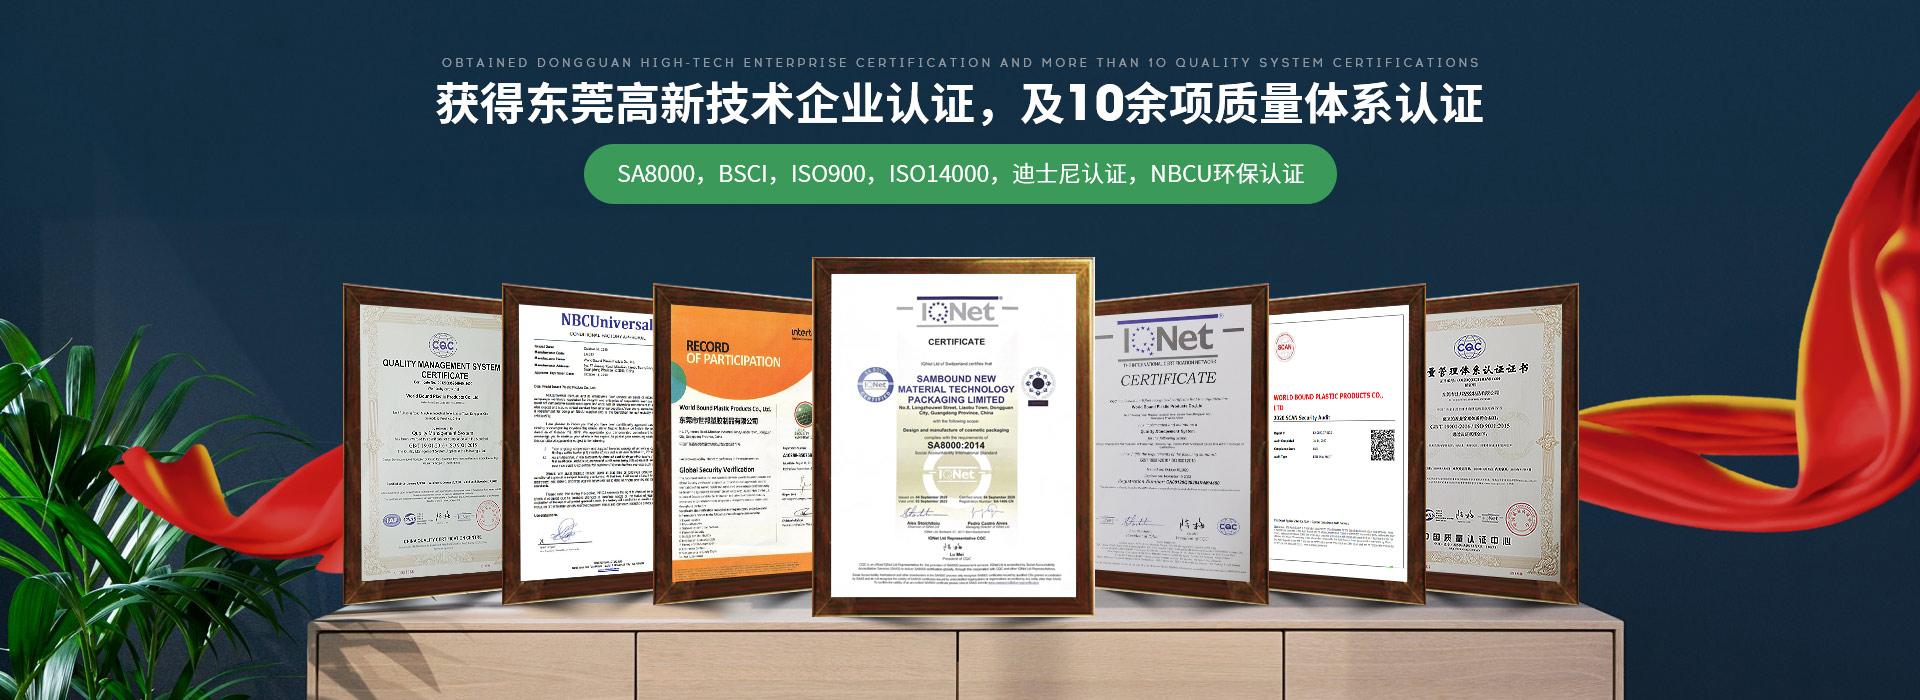 世邦塑胶:获得东莞高新技术企业认证,及10余项质量体系认证